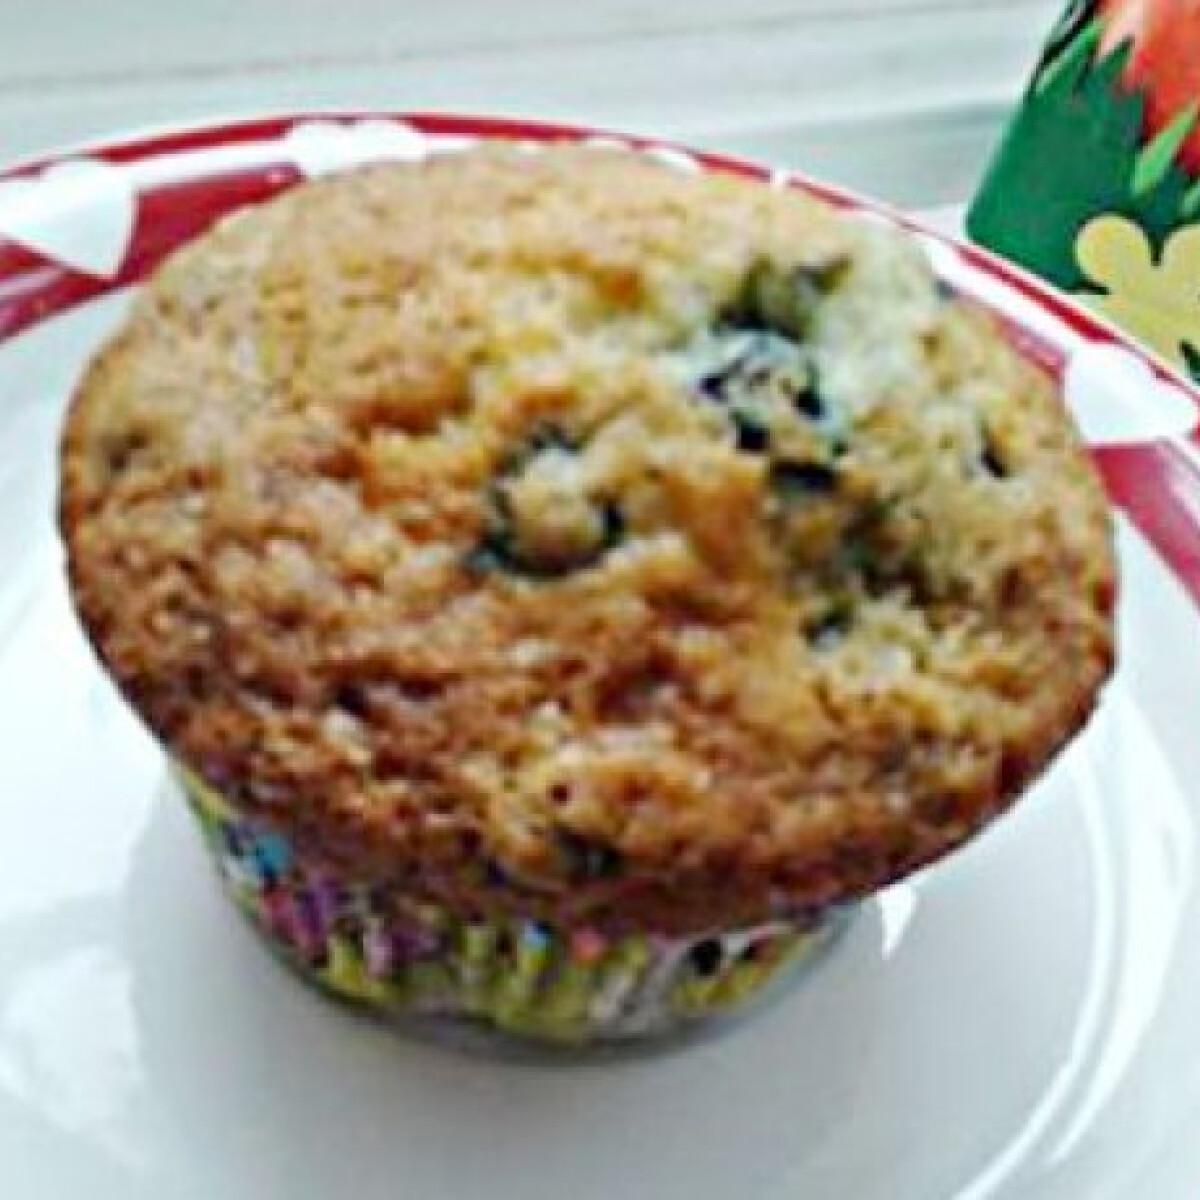 Ezen a képen: Áfonyás muffin, ahogy Olgi készíti